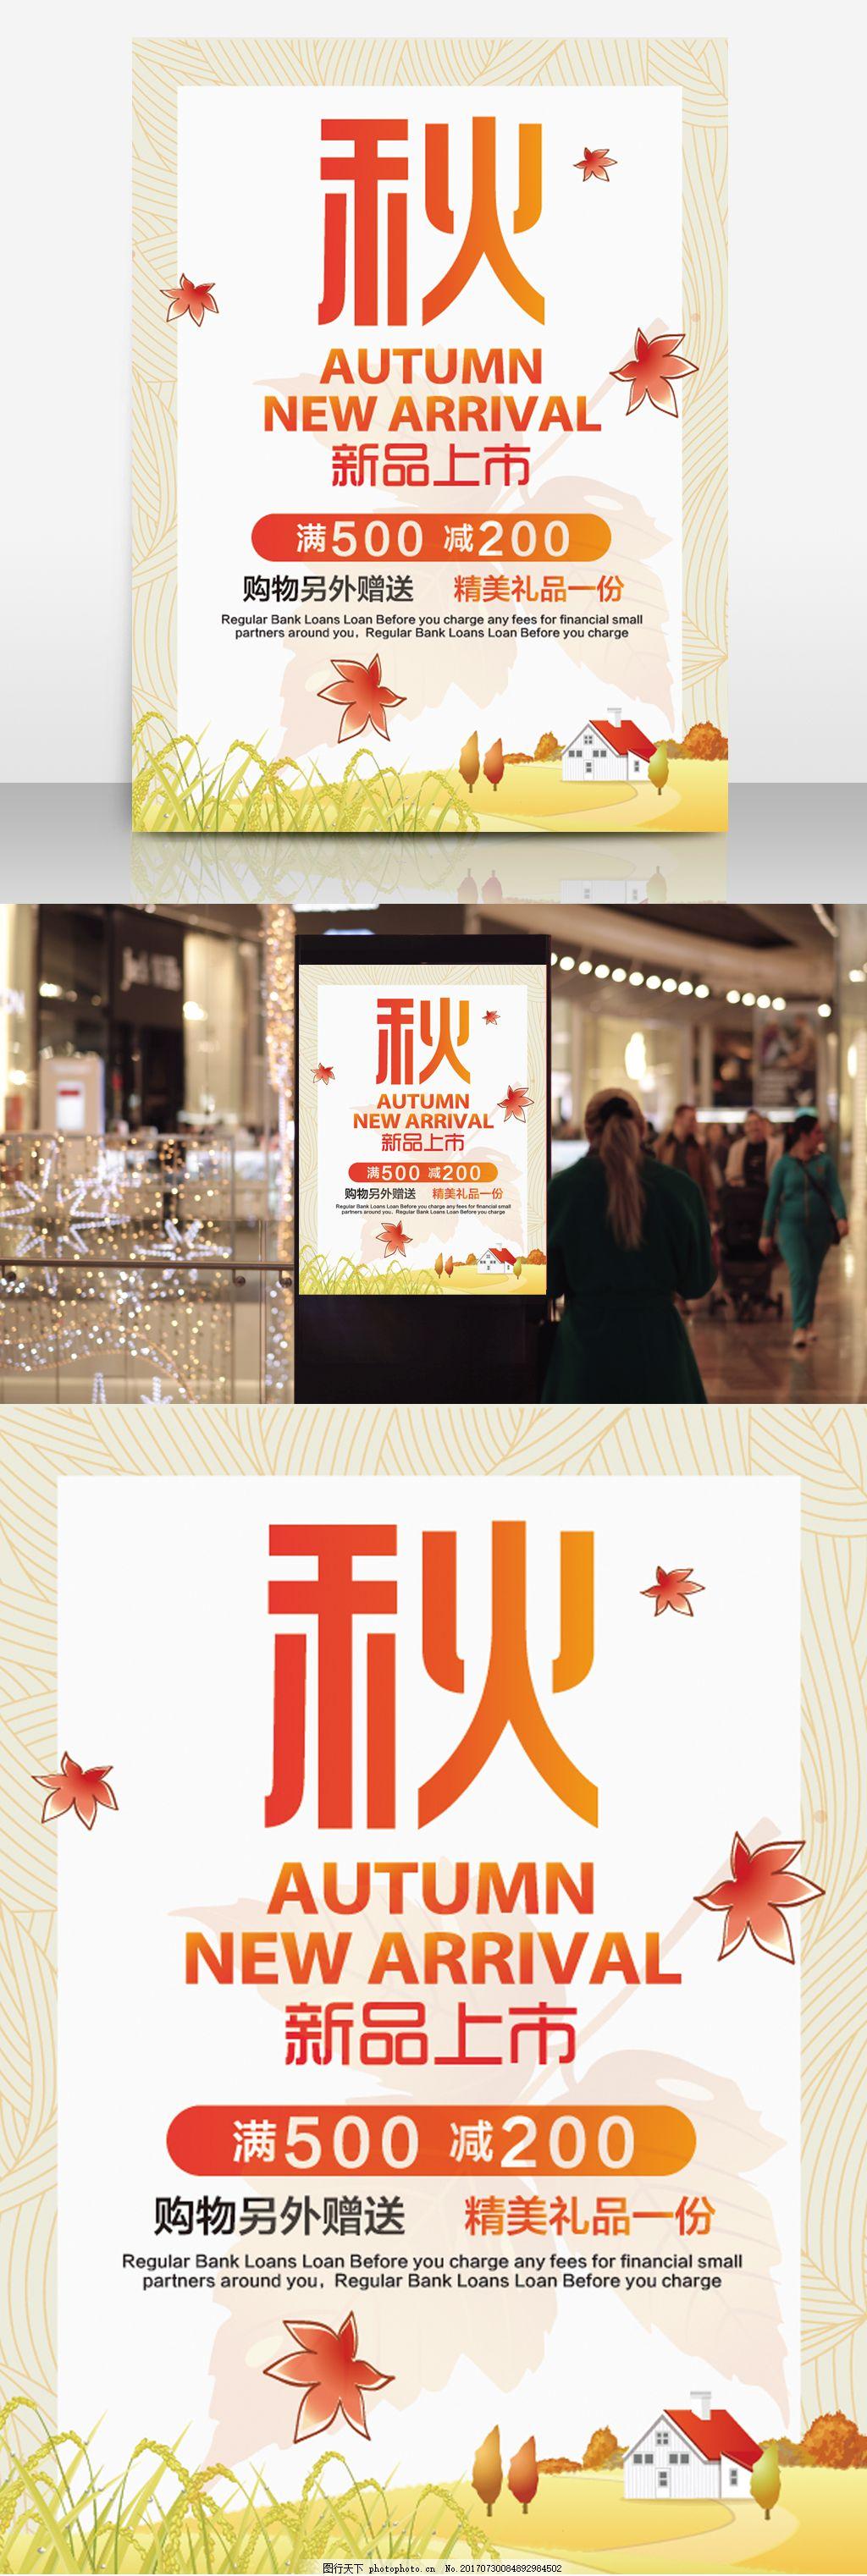 简约秋季上新促销海报 枫叶 秋天 新品上市 展架 宣传单